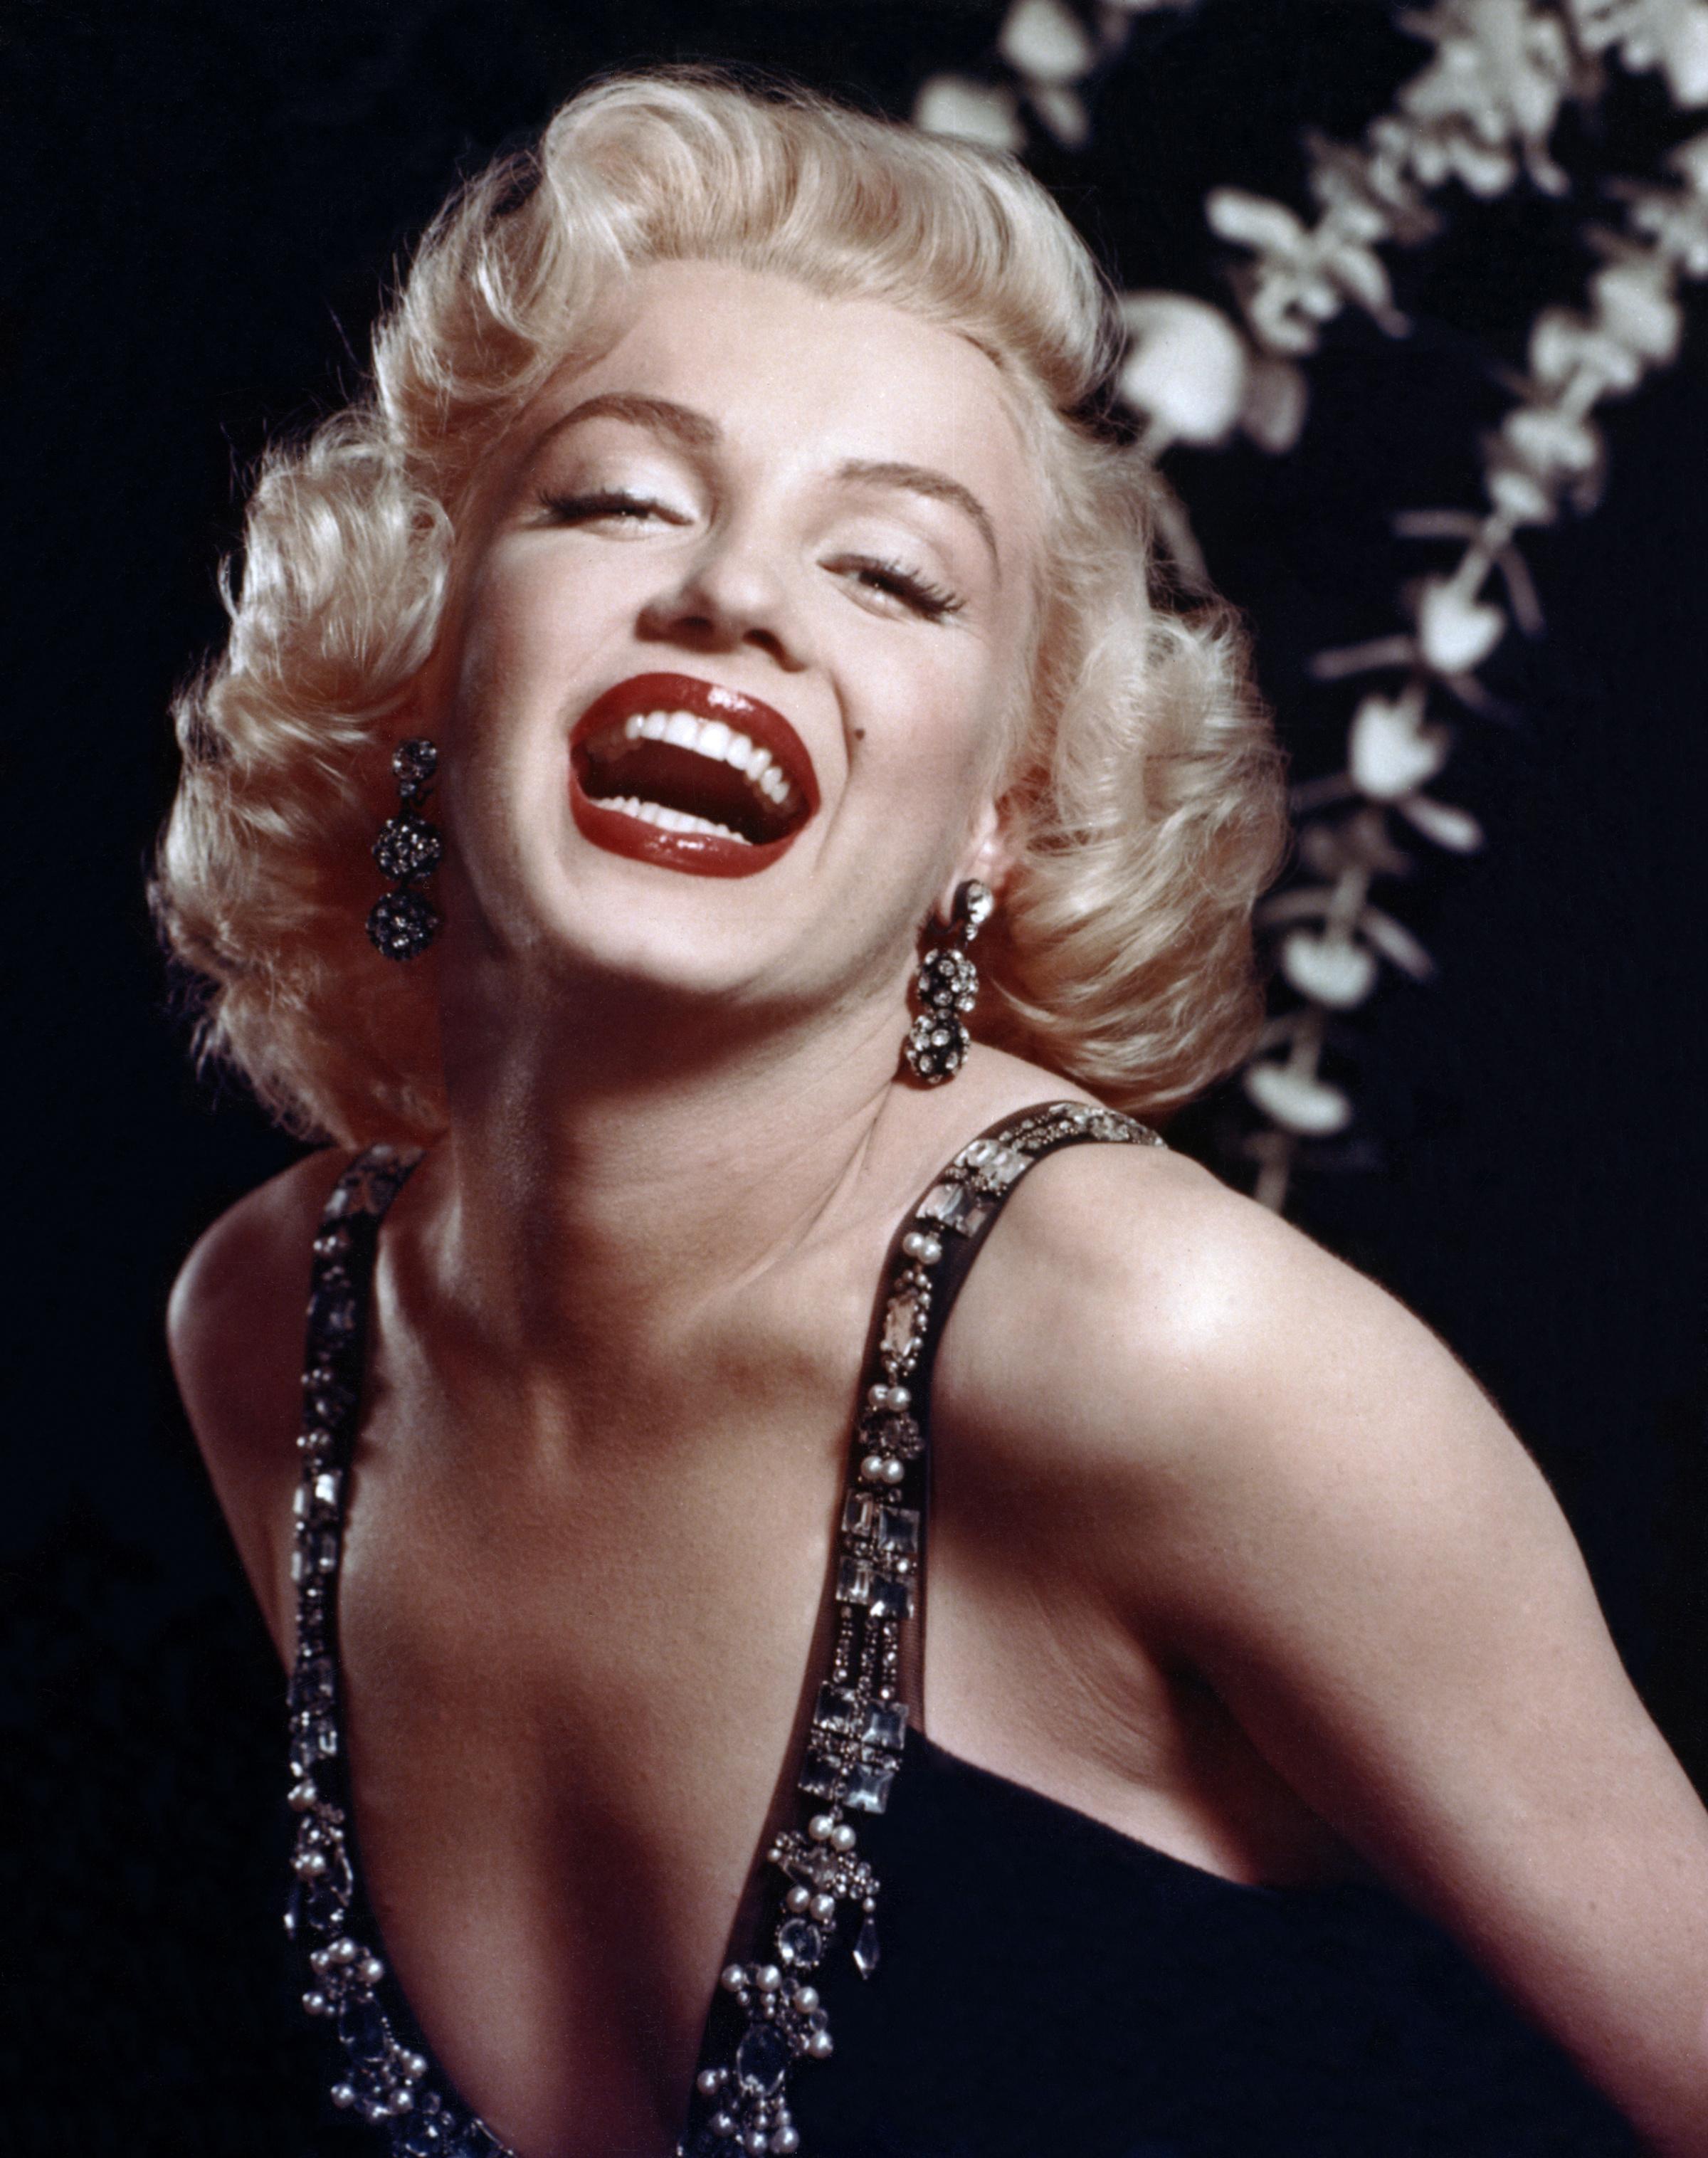 A negyedik helyet az örök szexbomba, a rejtélyes és csábító szépség, Marilyn Monroe kapta. A színésznő, modell és énekesnő a mai napig az egyik leggyönyörűbb nőnek számít.